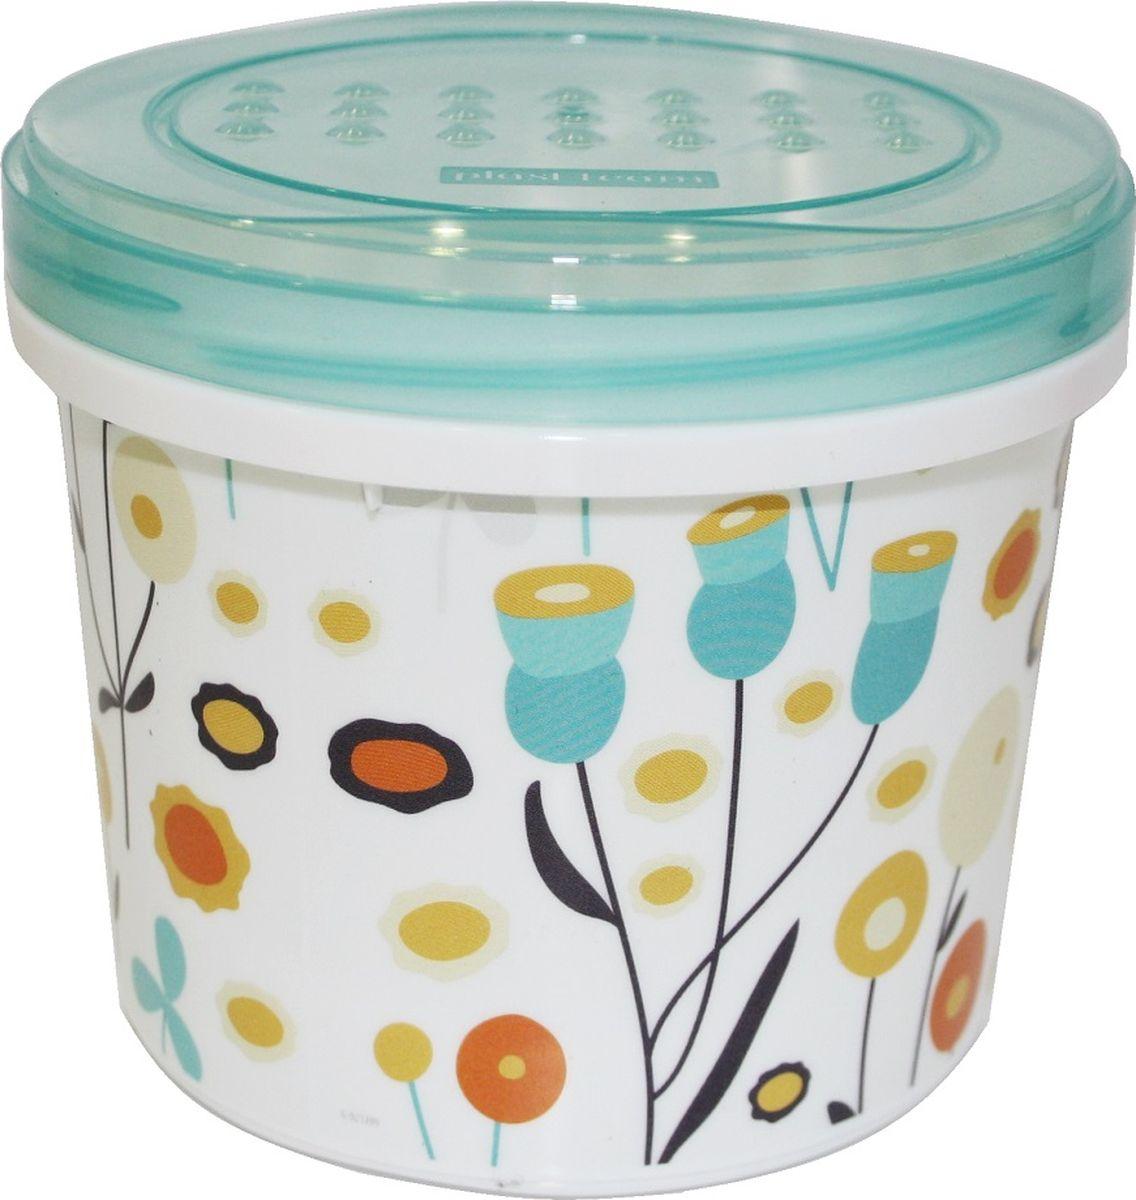 Легкая, прочная банка с закручивающейся крышкой предназначена для хранения продуктов, заморозки, разогревания в СВЧ, переноски обедов. Конструктивное решение крышки и дна банки обеспечивает надежную установку друг на друга при хранении в холодильнике или шкафу.  Использовать в СВЧ только для разогрева пищи (не более 3-х минут), при открытой крышке.  Вплавляемая IML- этикетка устойчива к стиранию.